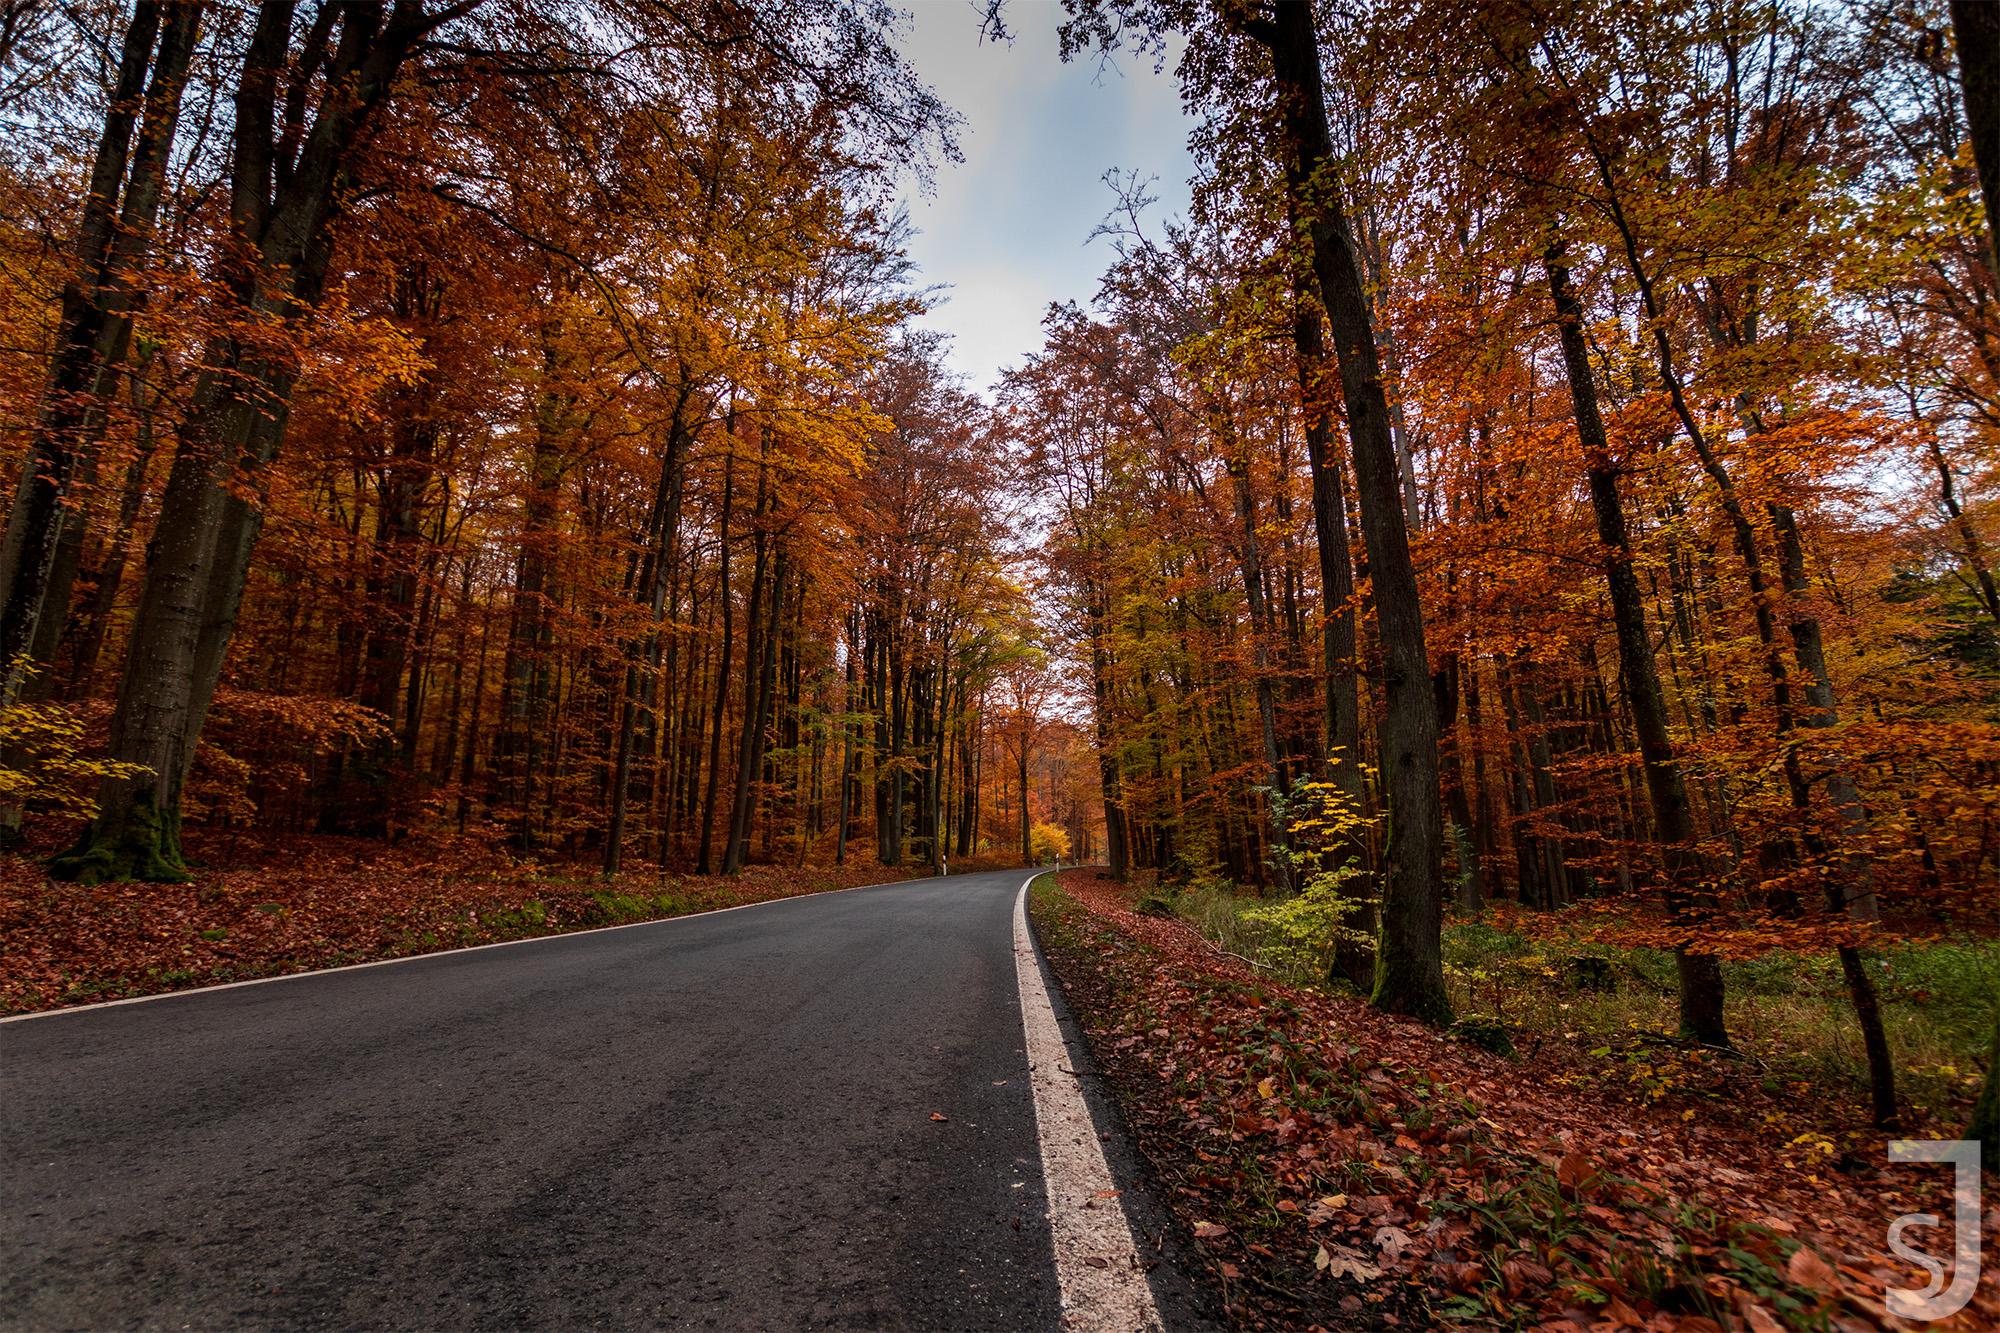 Waldstraße_im_Herbst_(Streifen),_Rhön